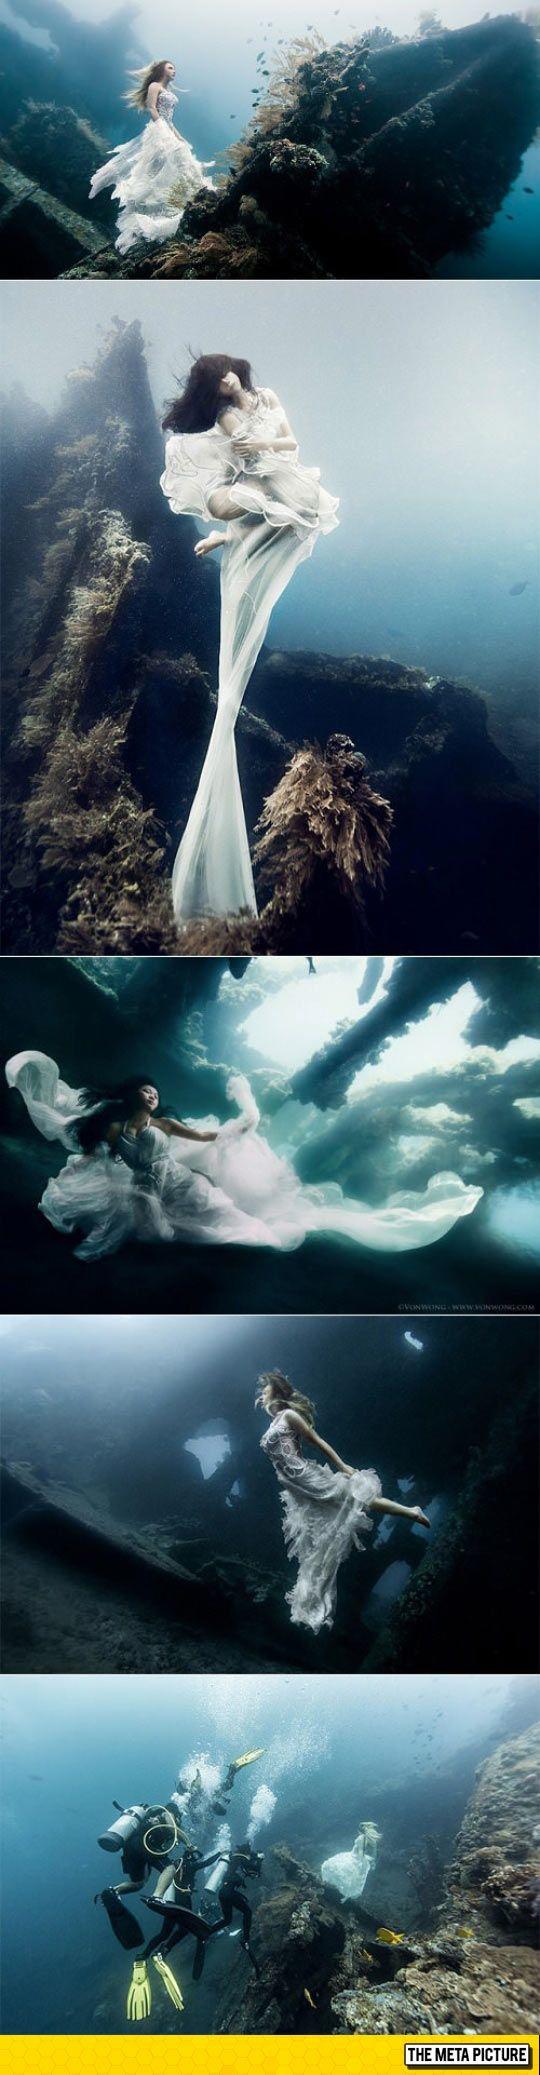 Underwater Photoshoot, Bali                                                                                                                                                     More